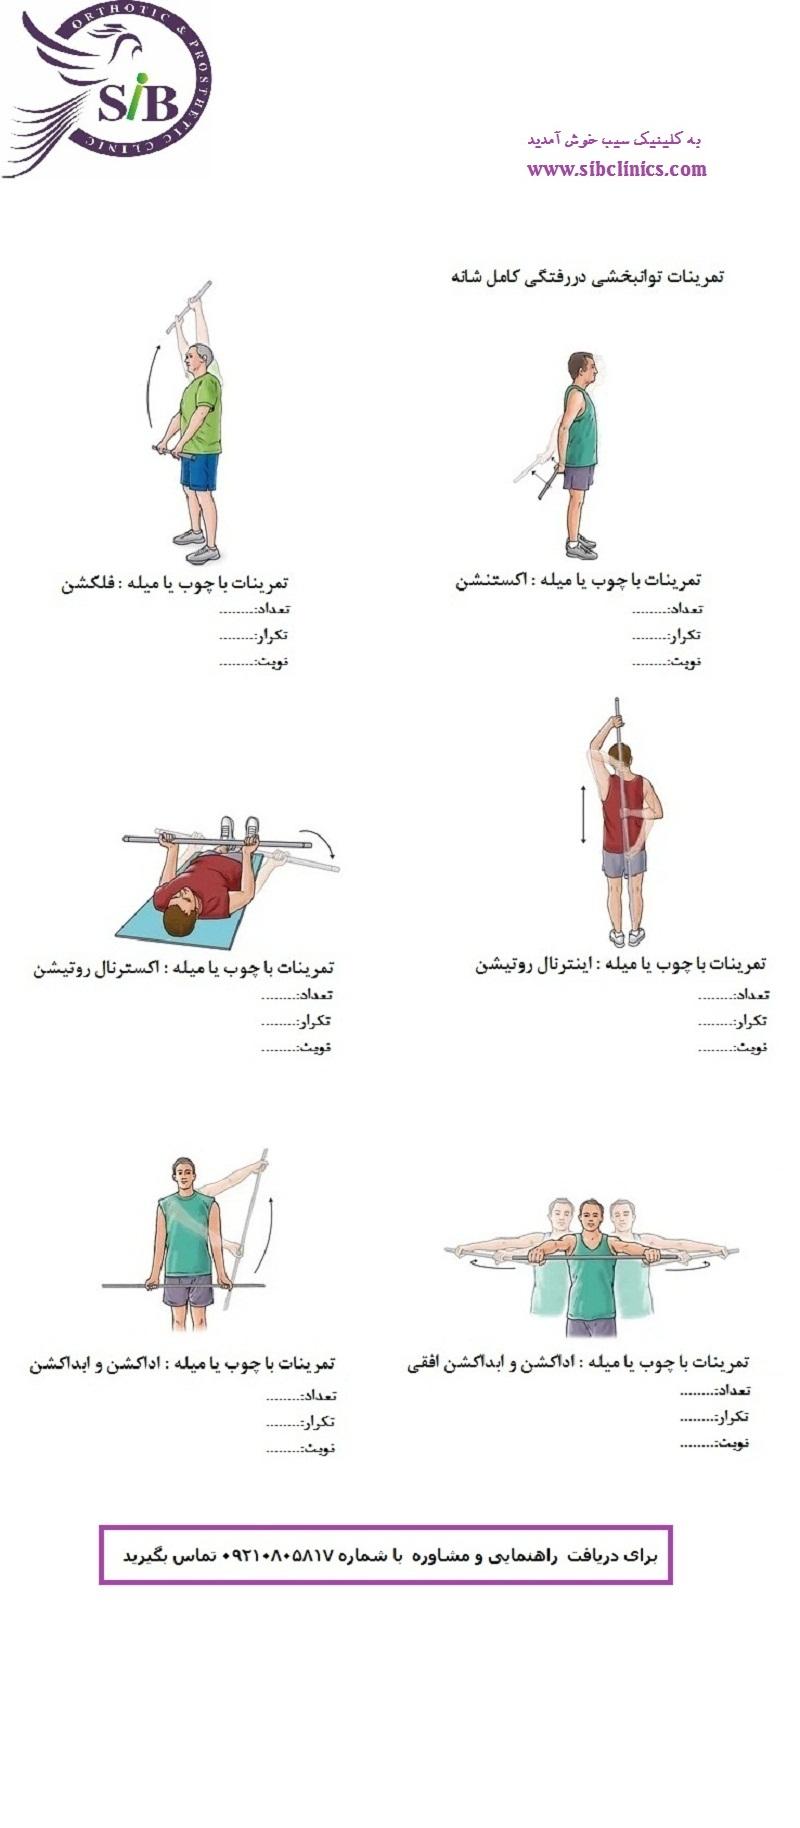 تمرینات توانبخشی اندام فوقانی27